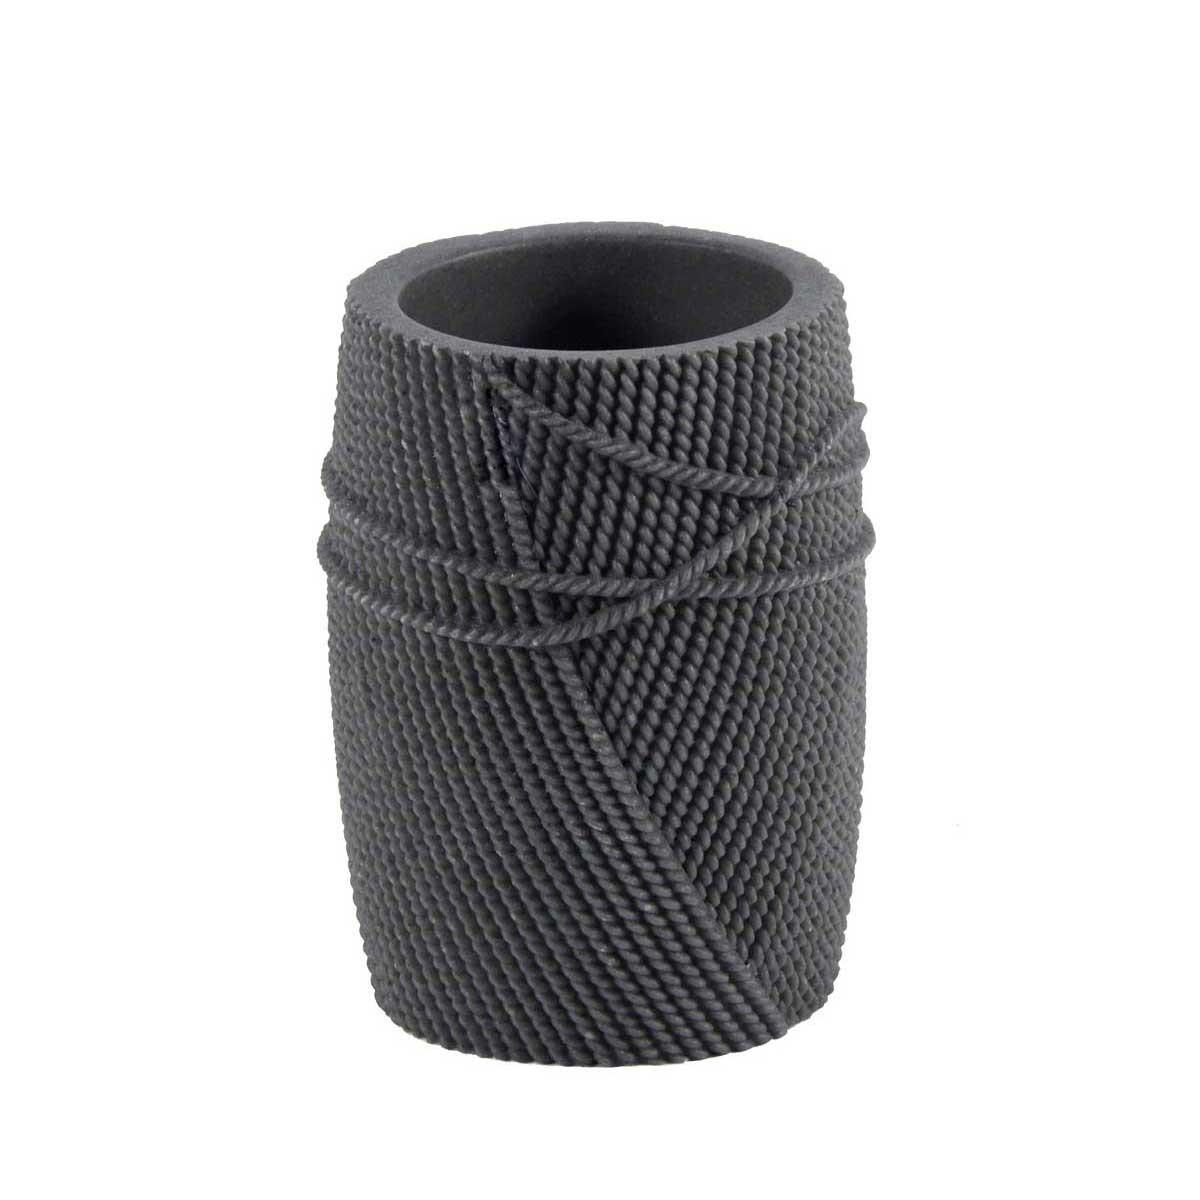 Ποτήρι Οδοντόβουρτσας Marva Rope Grey 478169